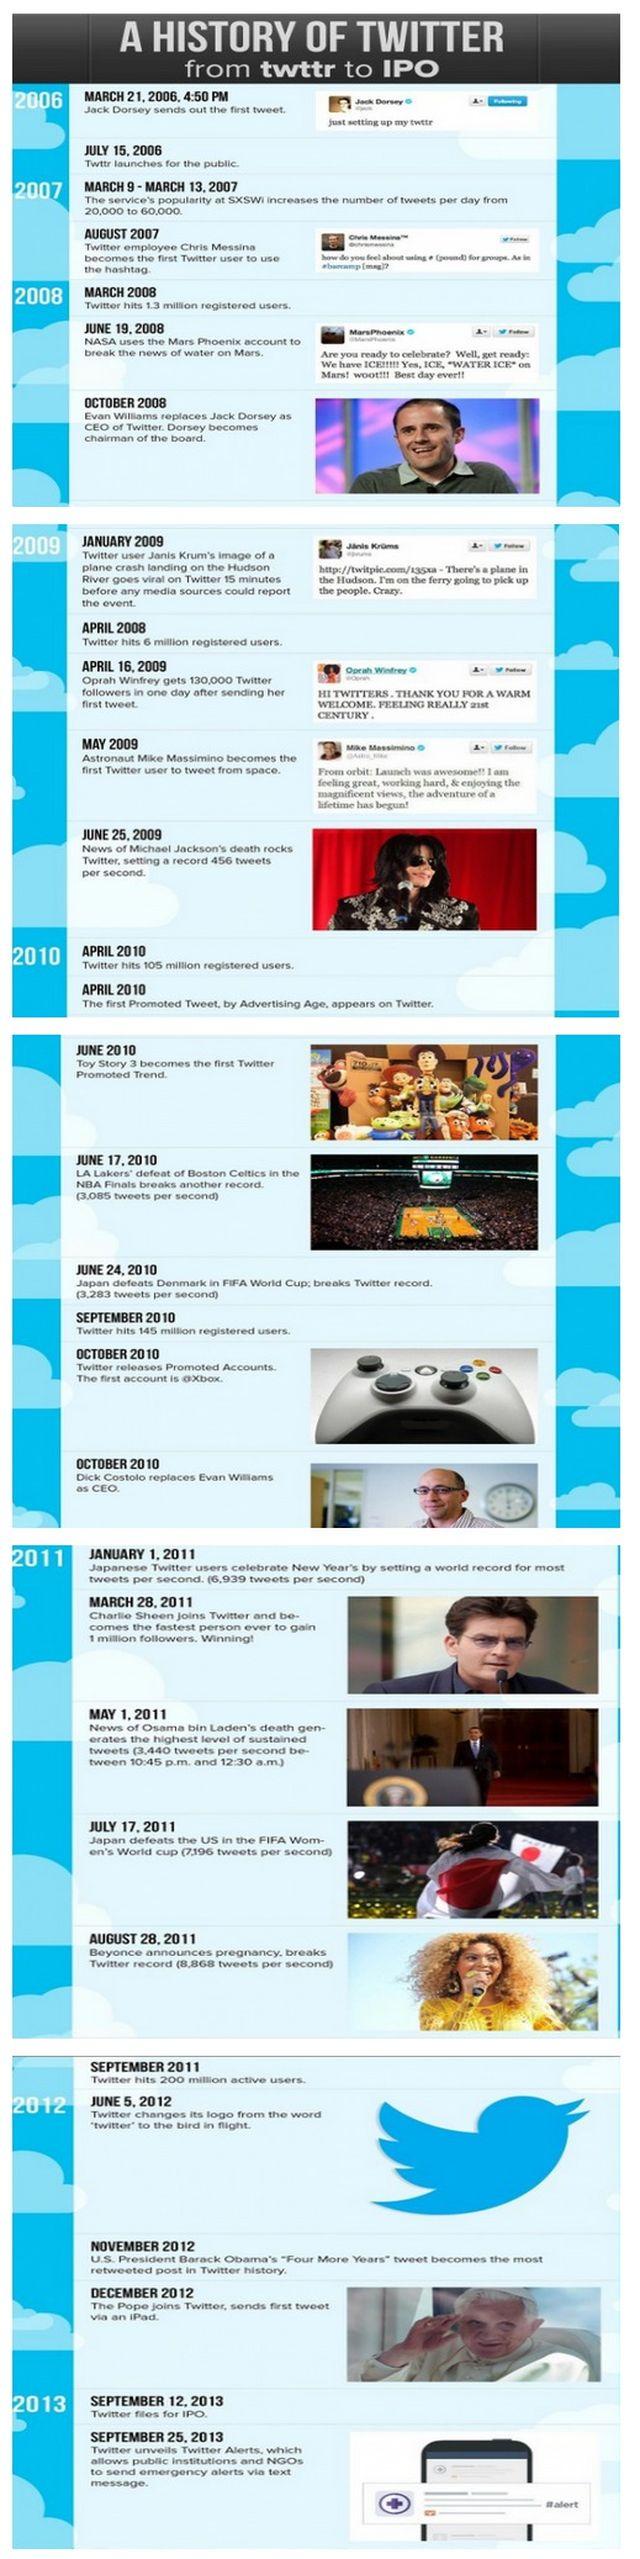 La completa historia de Twitter en una interesante infografía